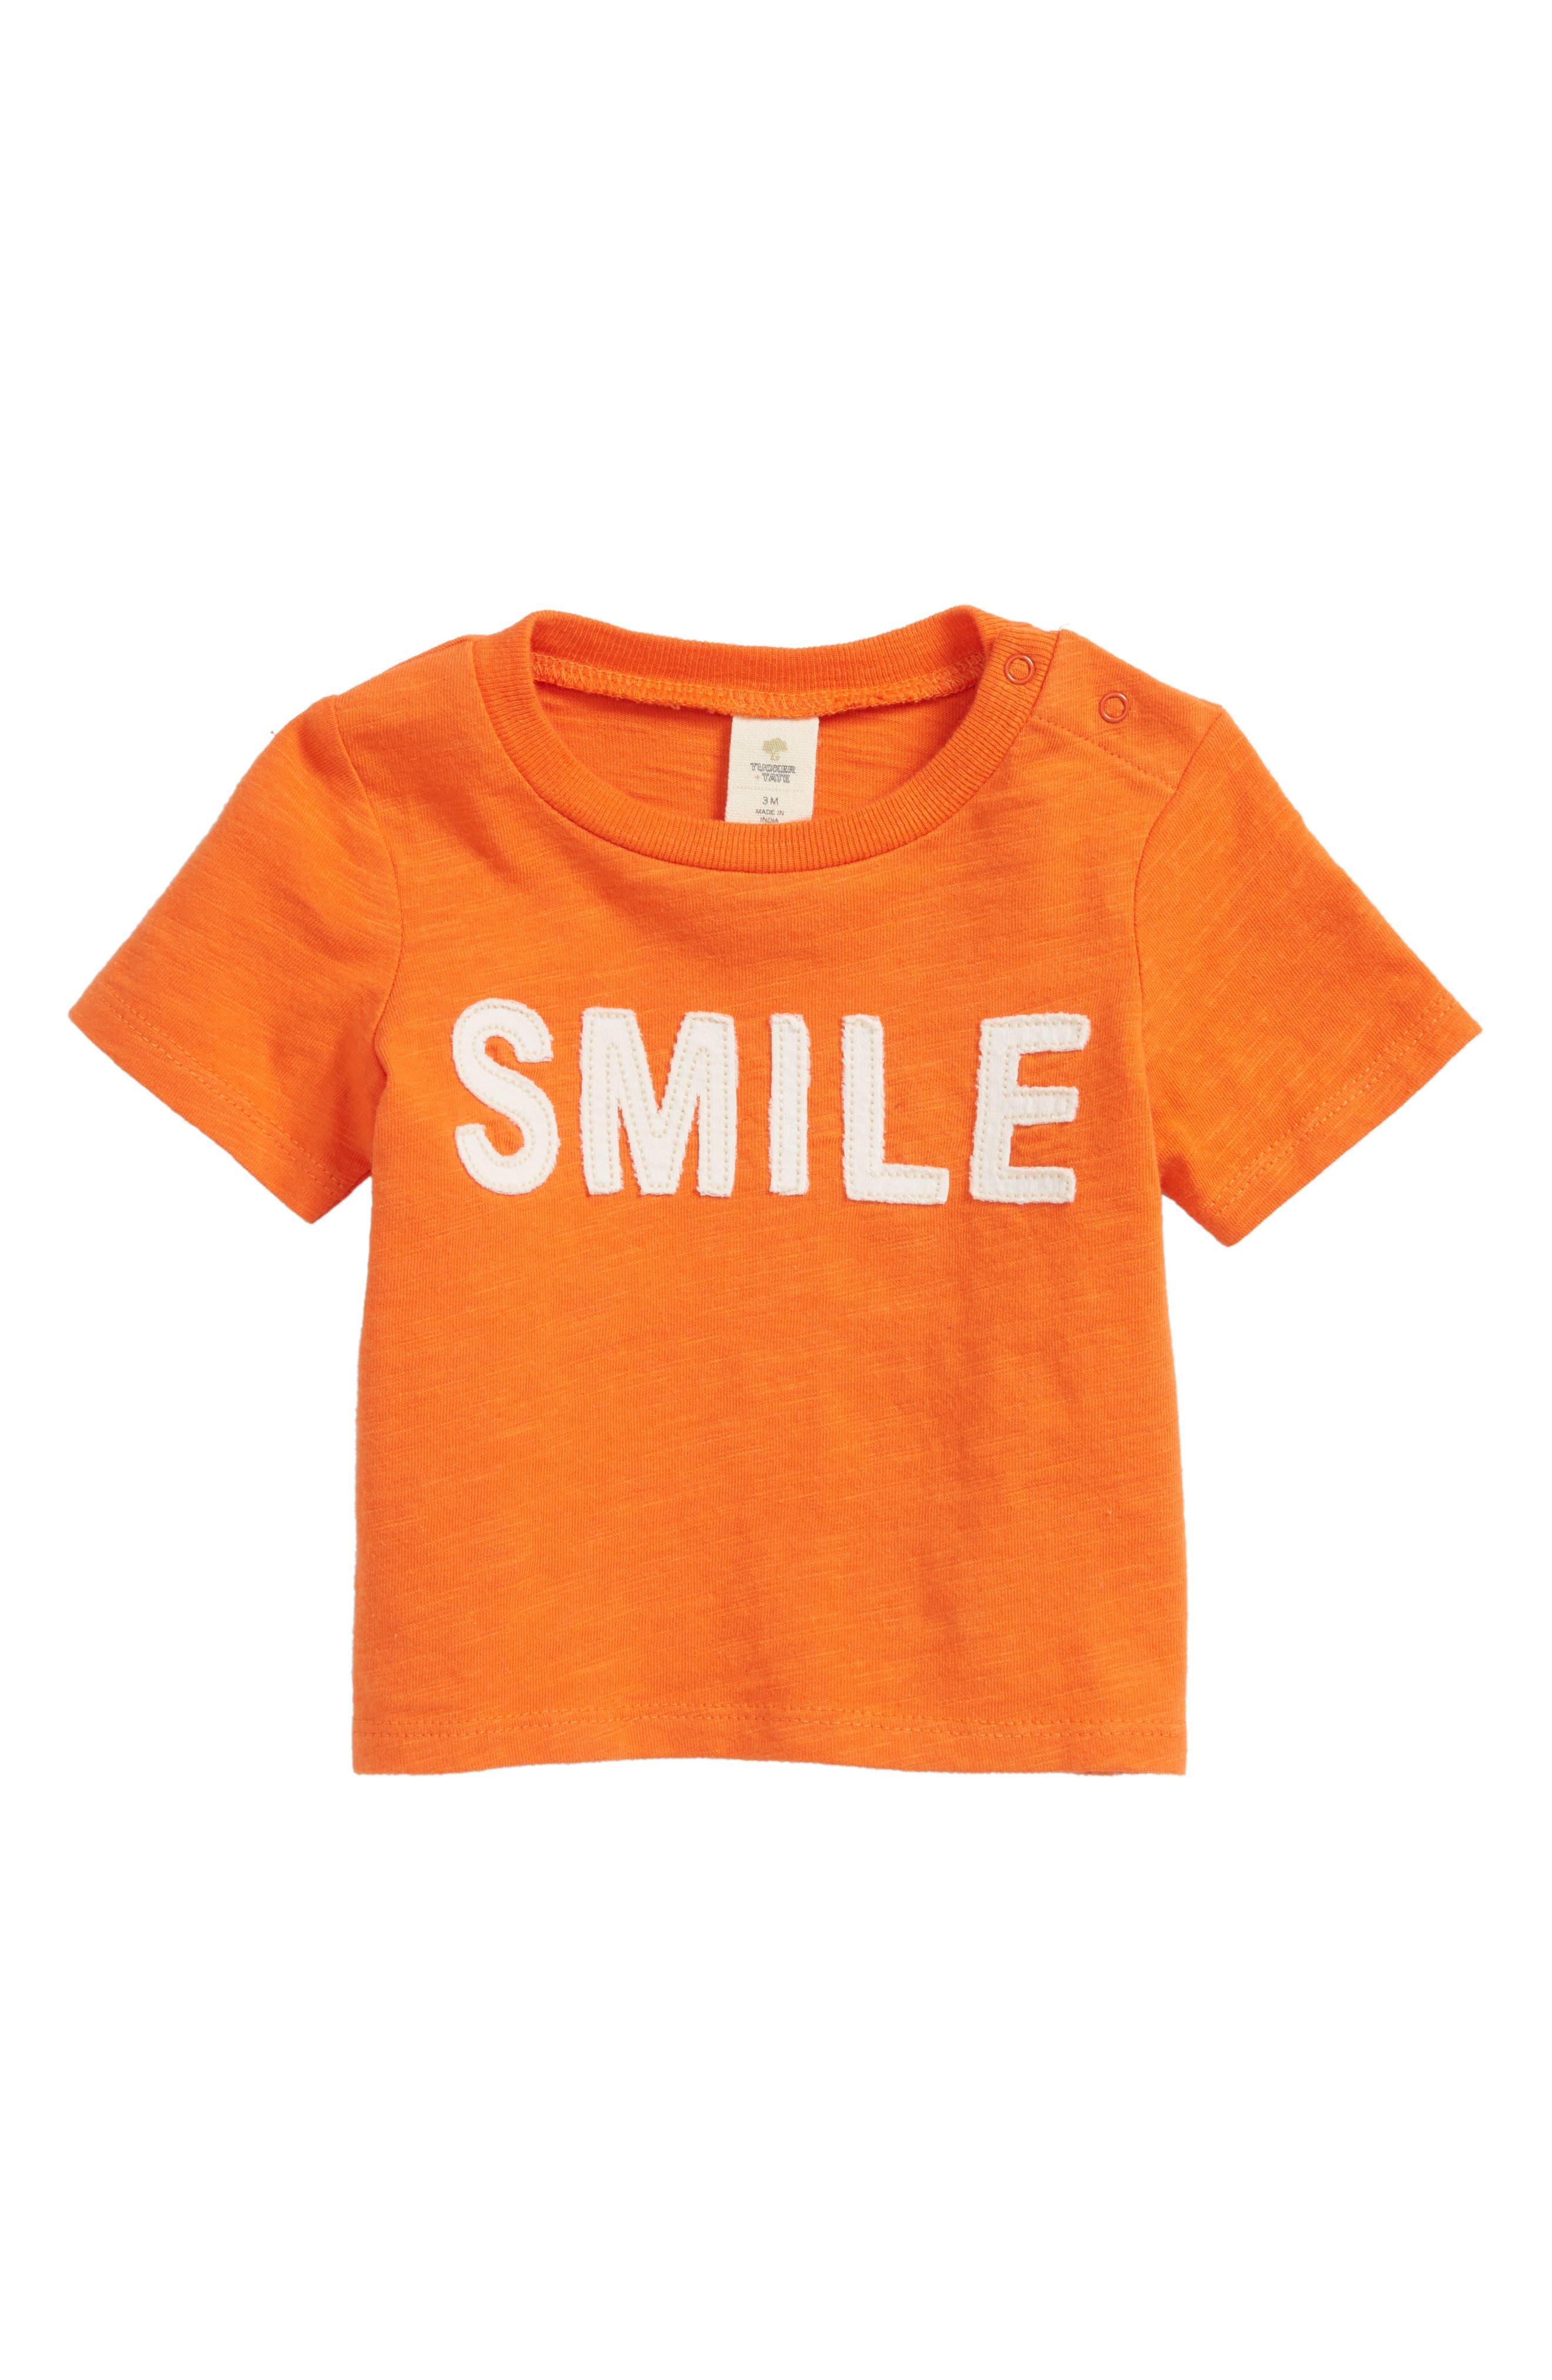 Smile Appliqué T-Shirt,                         Main,                         color, Orange Lily Smiles